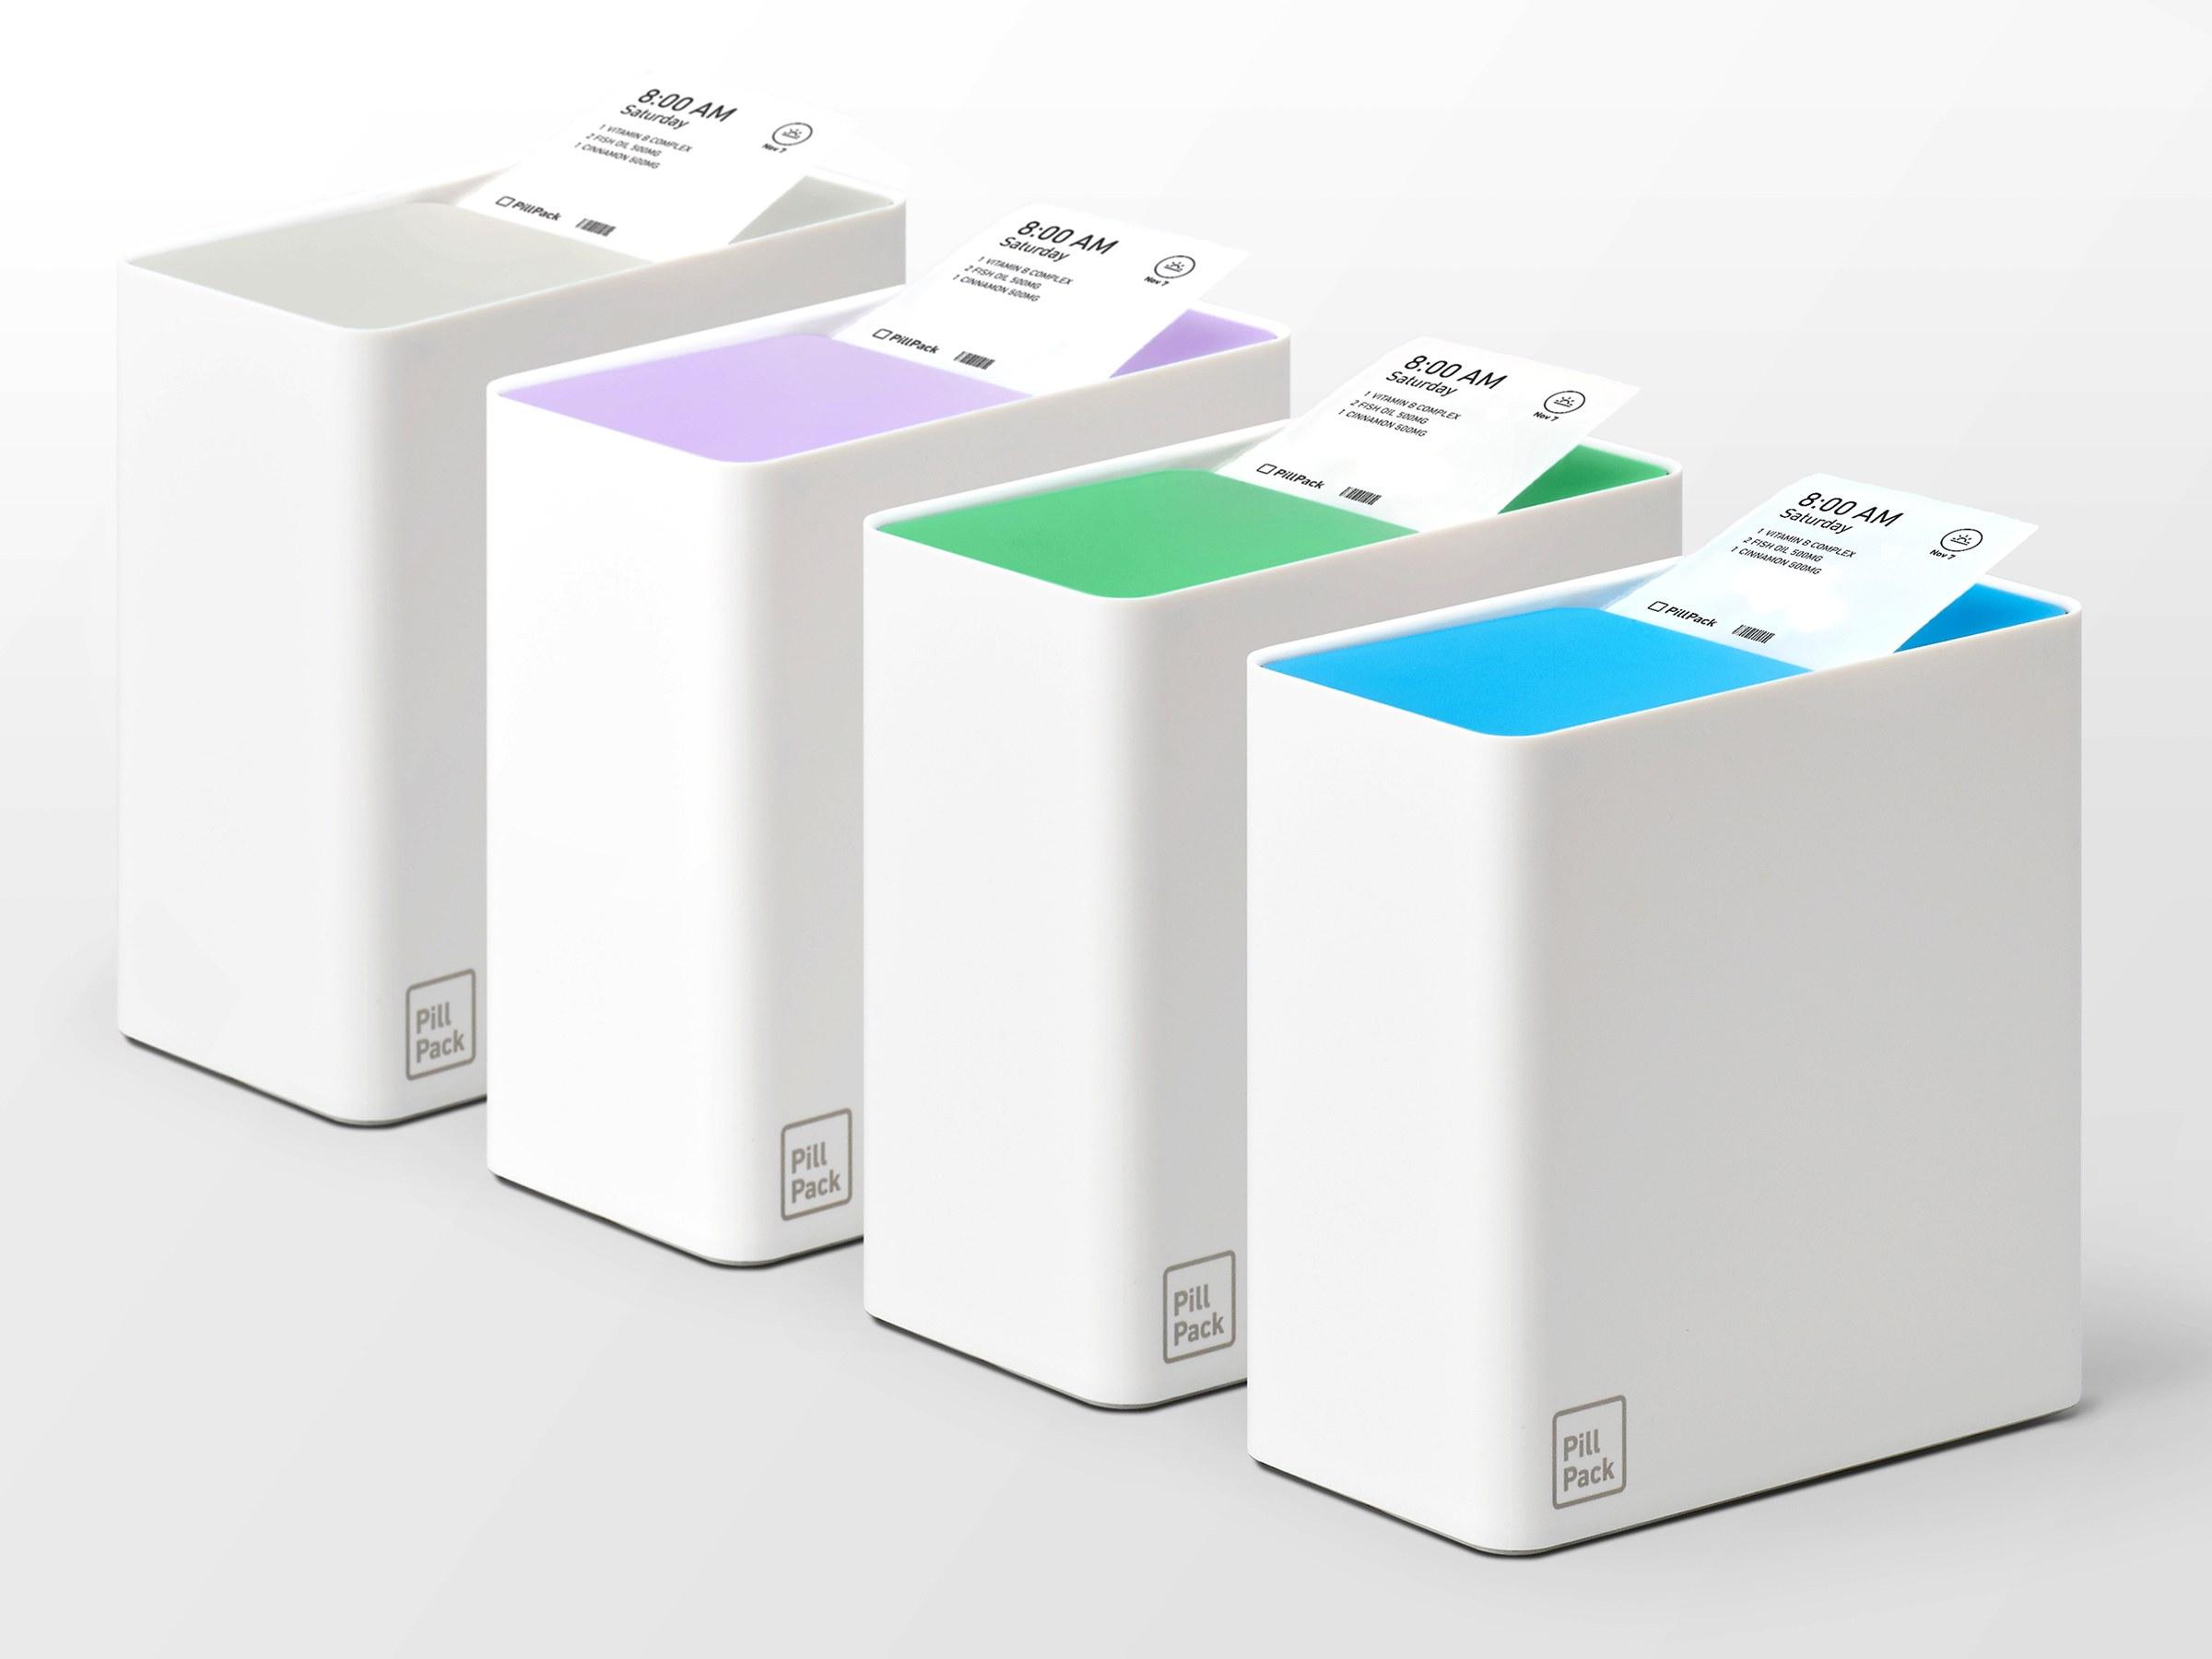 pillpack_dispenser_colors-TopArt.jpg